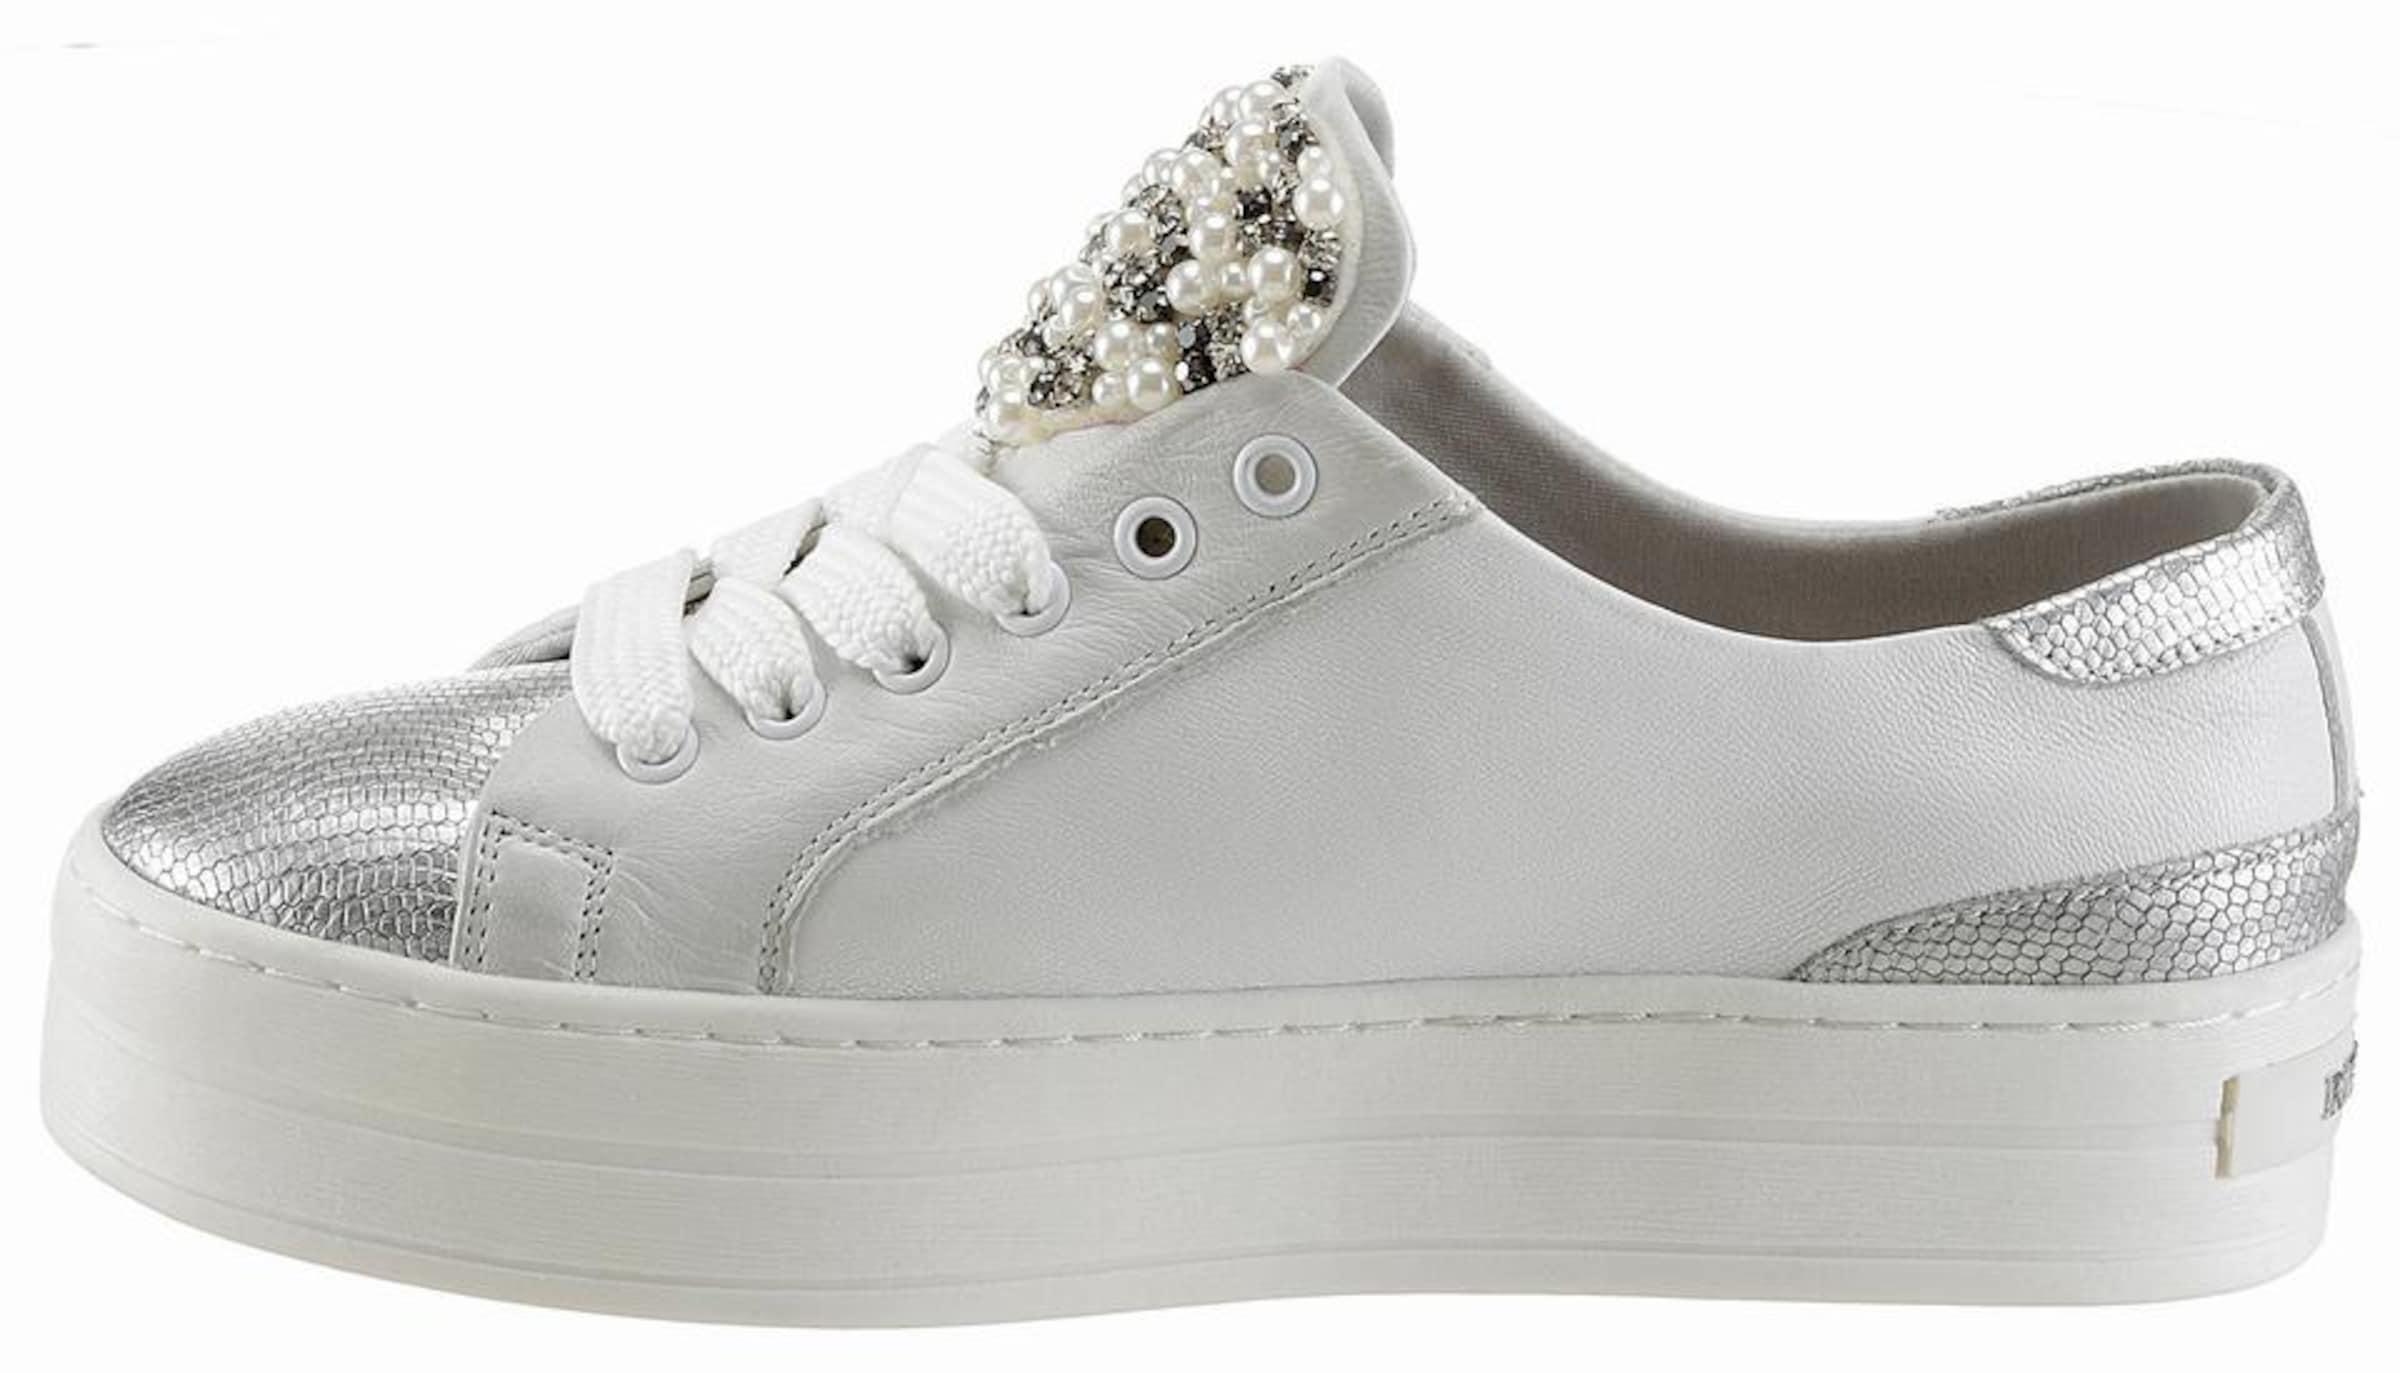 REPLAY Sneaker Rabatt Bilder cCkXd